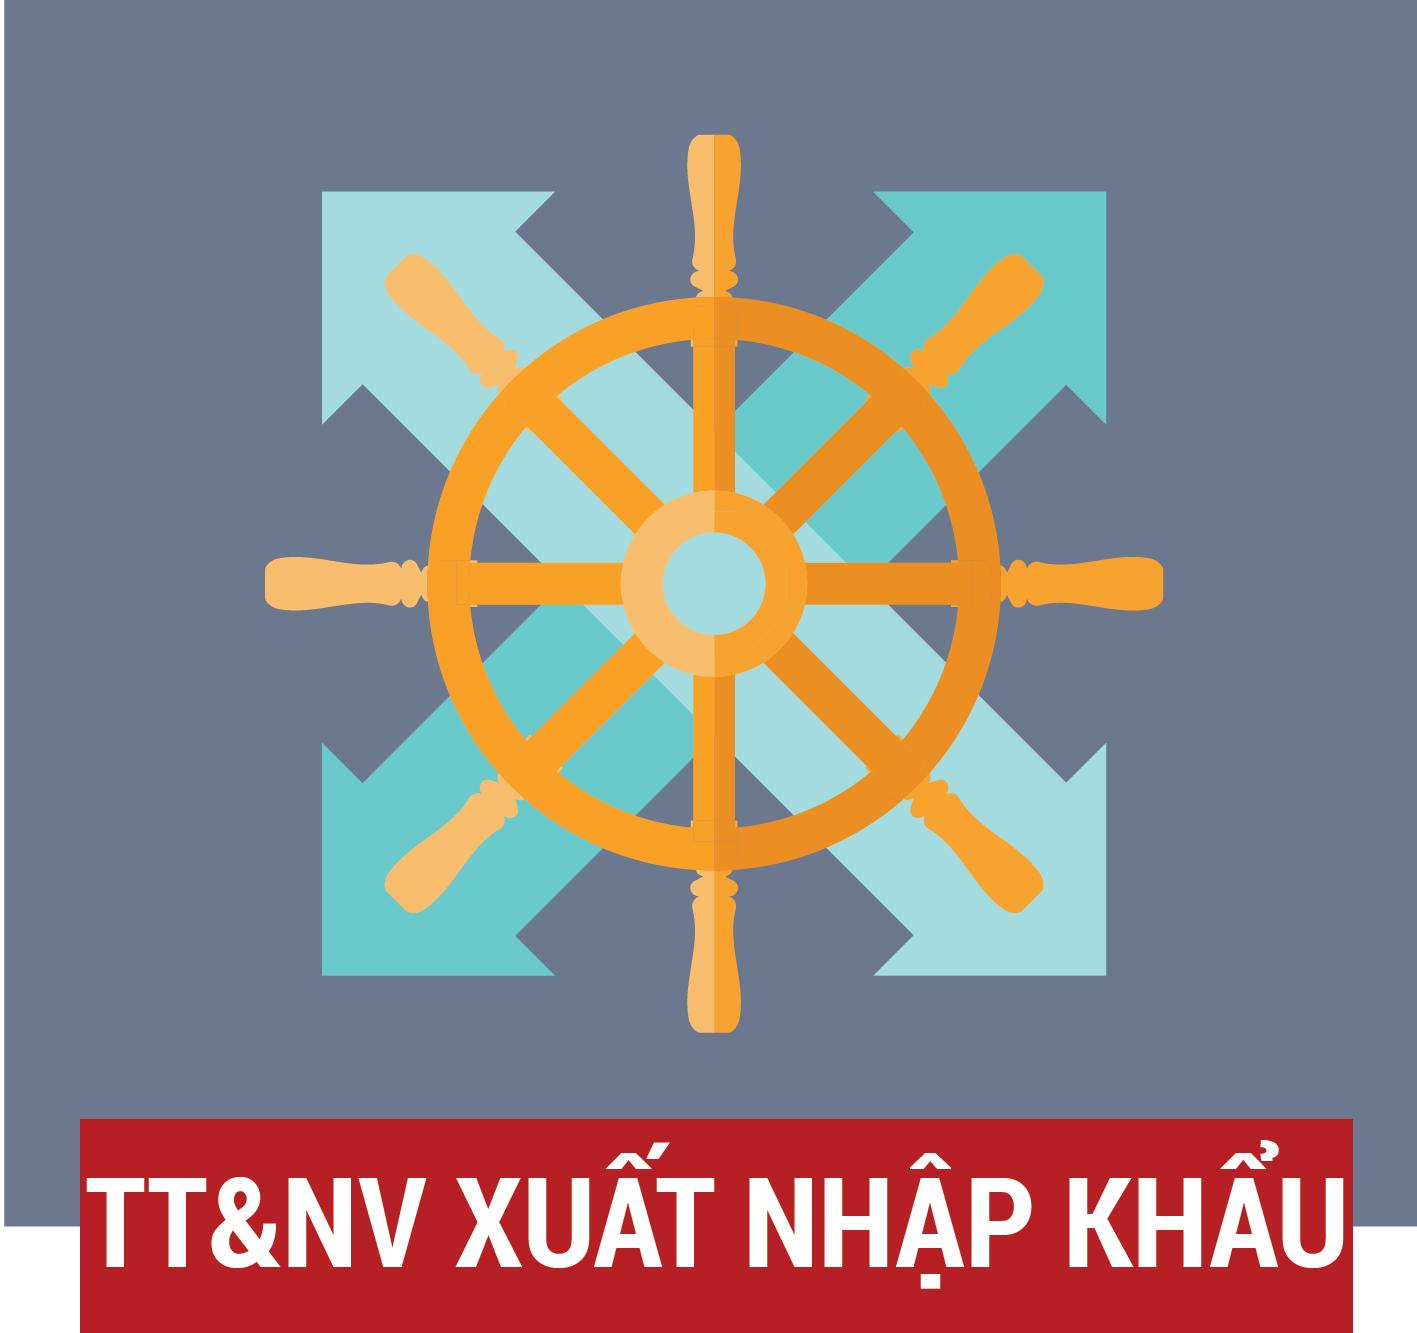 Thị trường và nghiệp vụ XNK